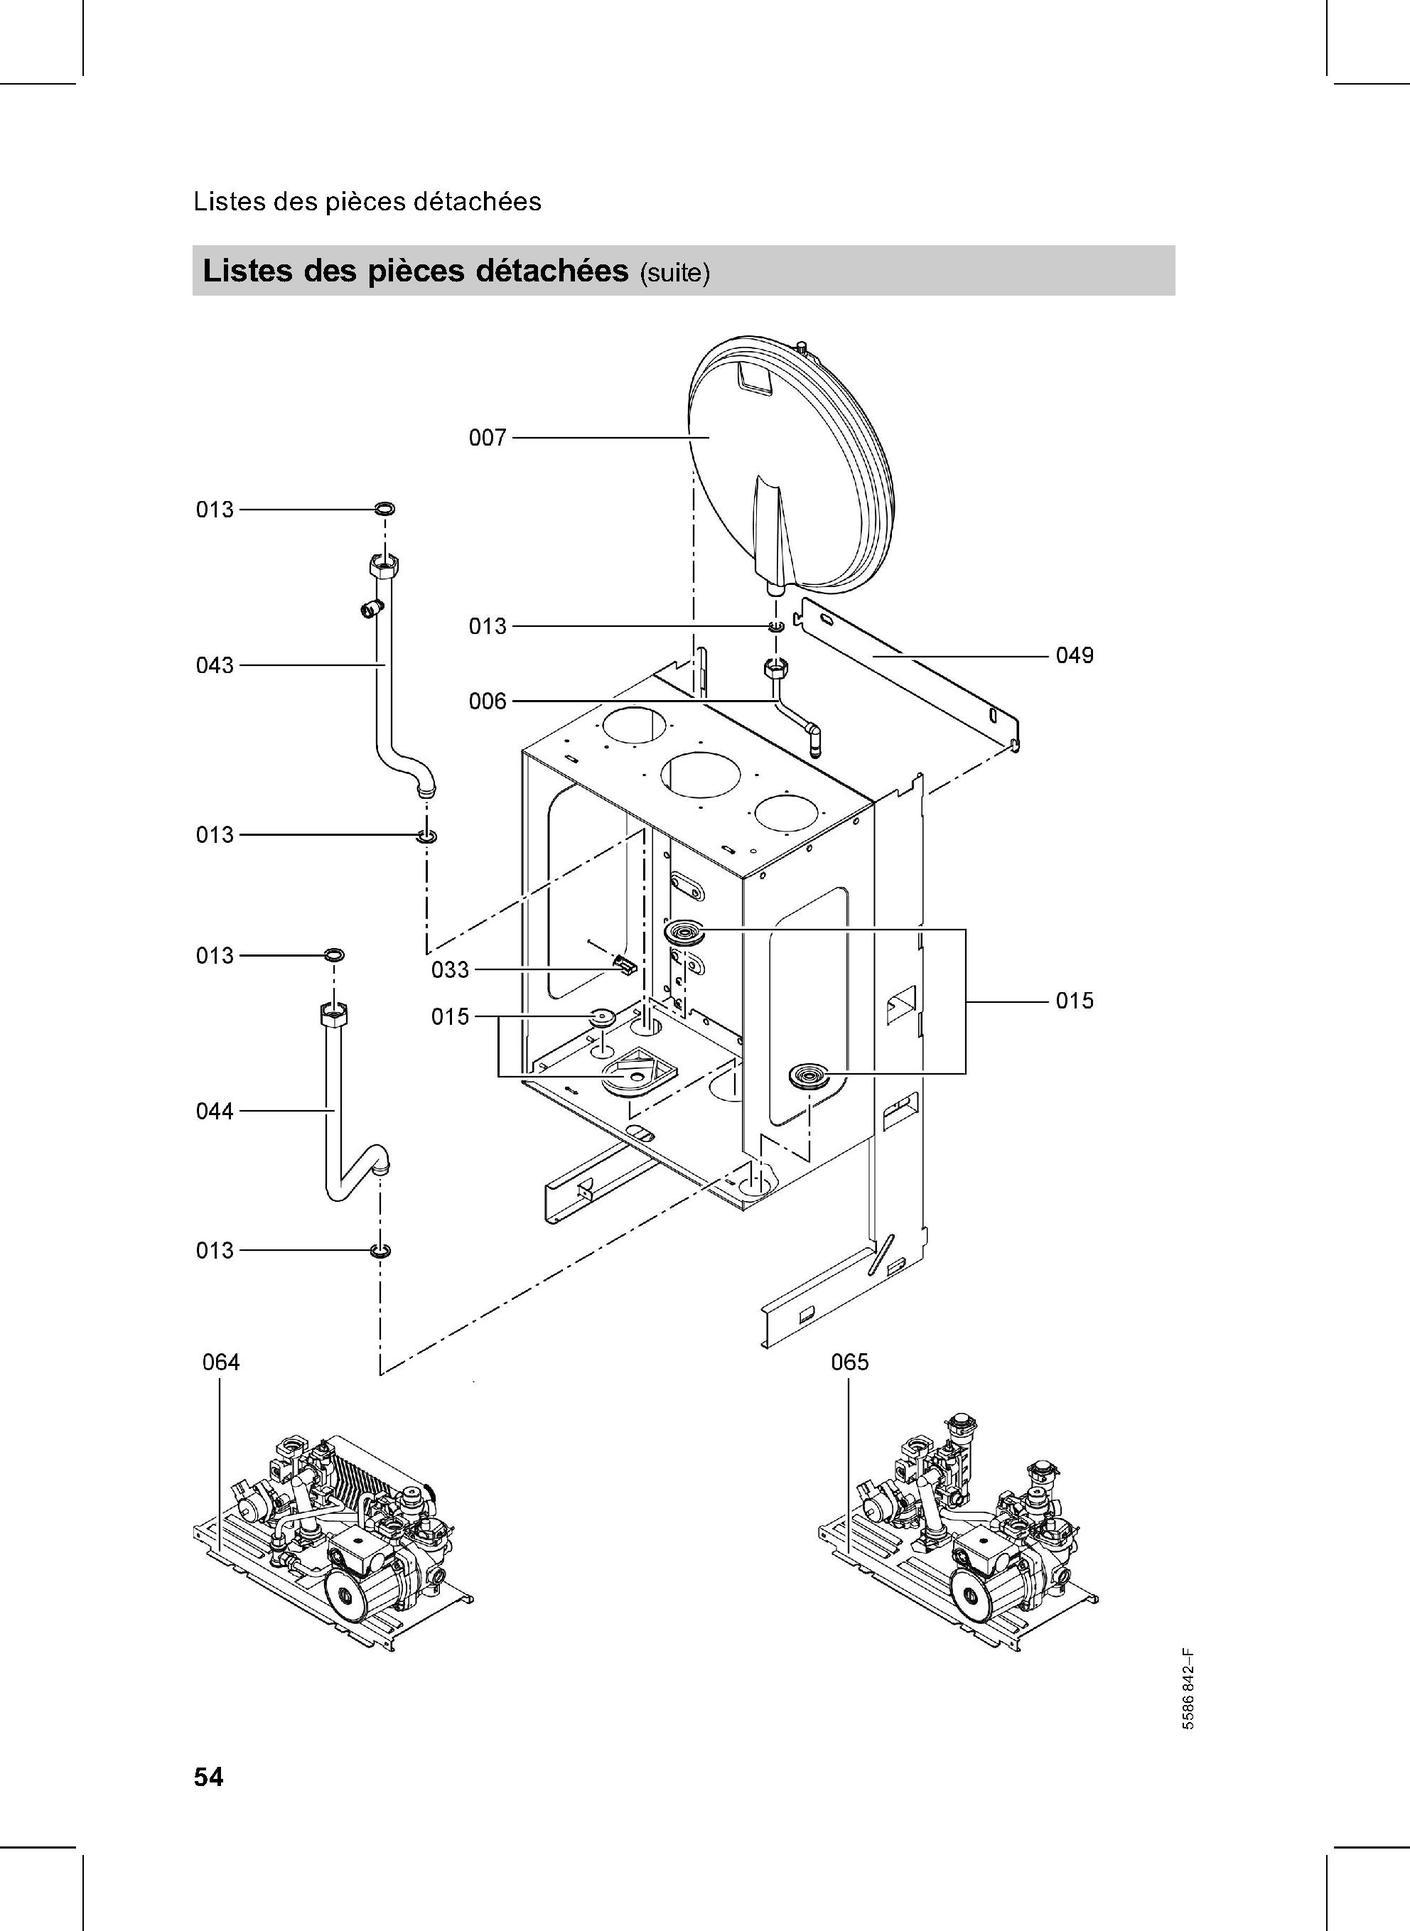 Recherche directe dans la vue clat e de l 39 article for Temperature de la piece